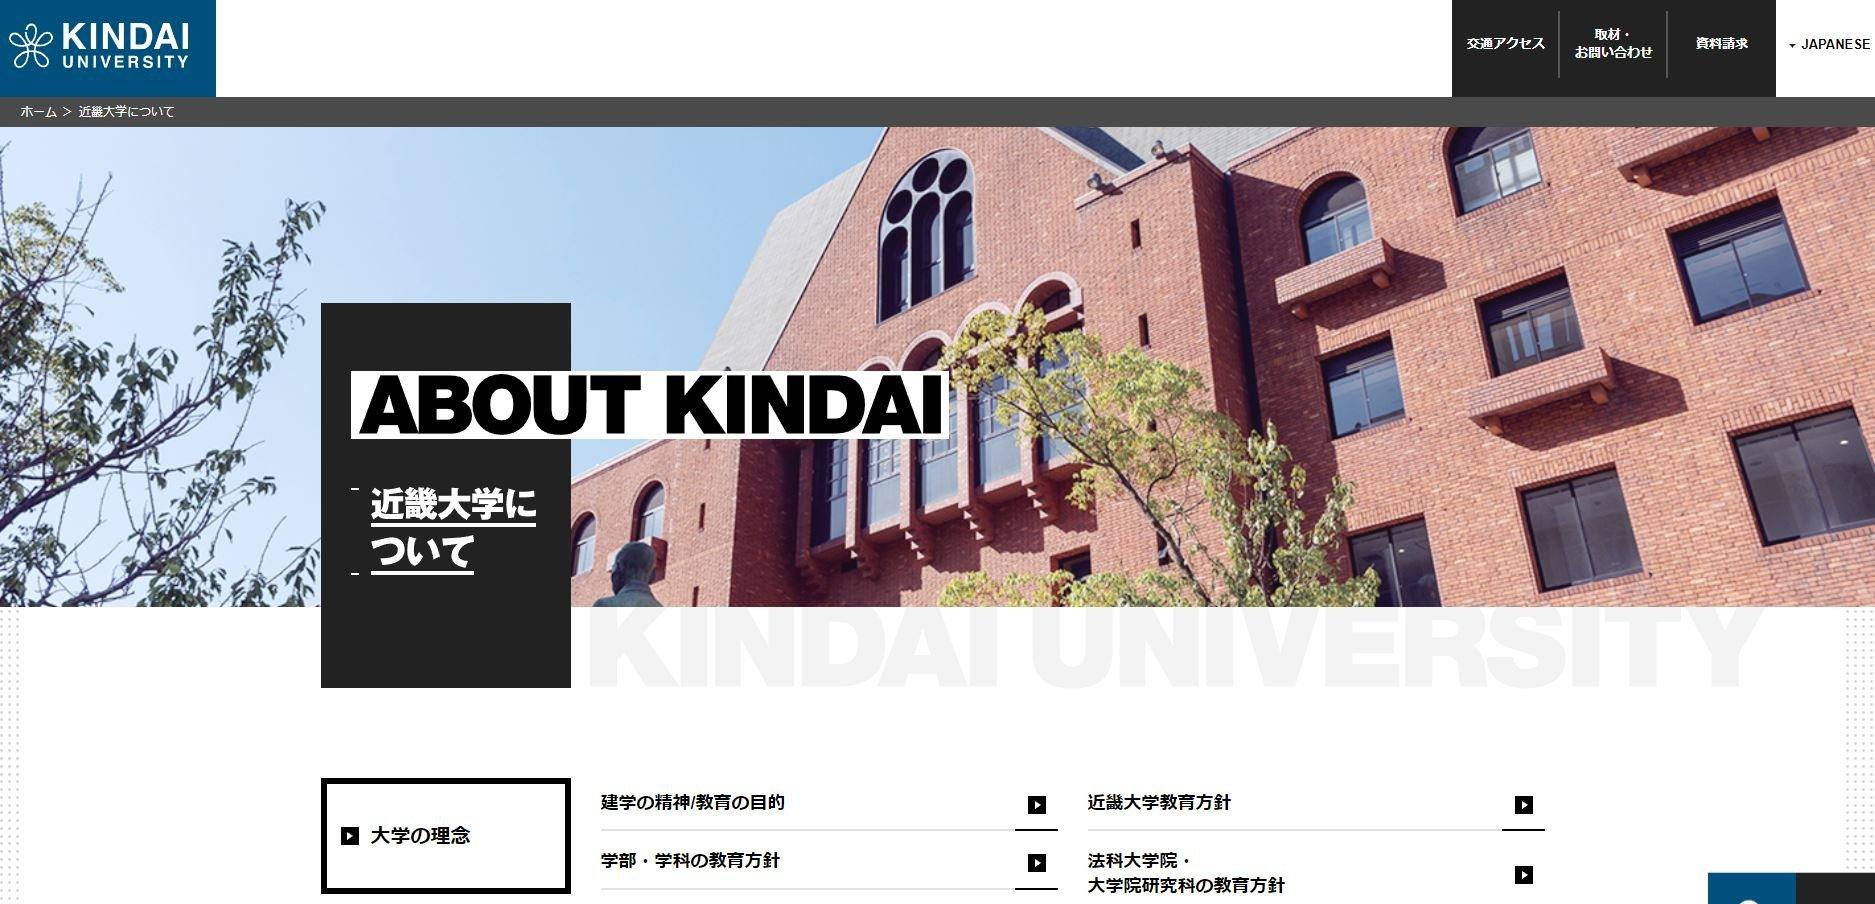 事例2_近畿大学